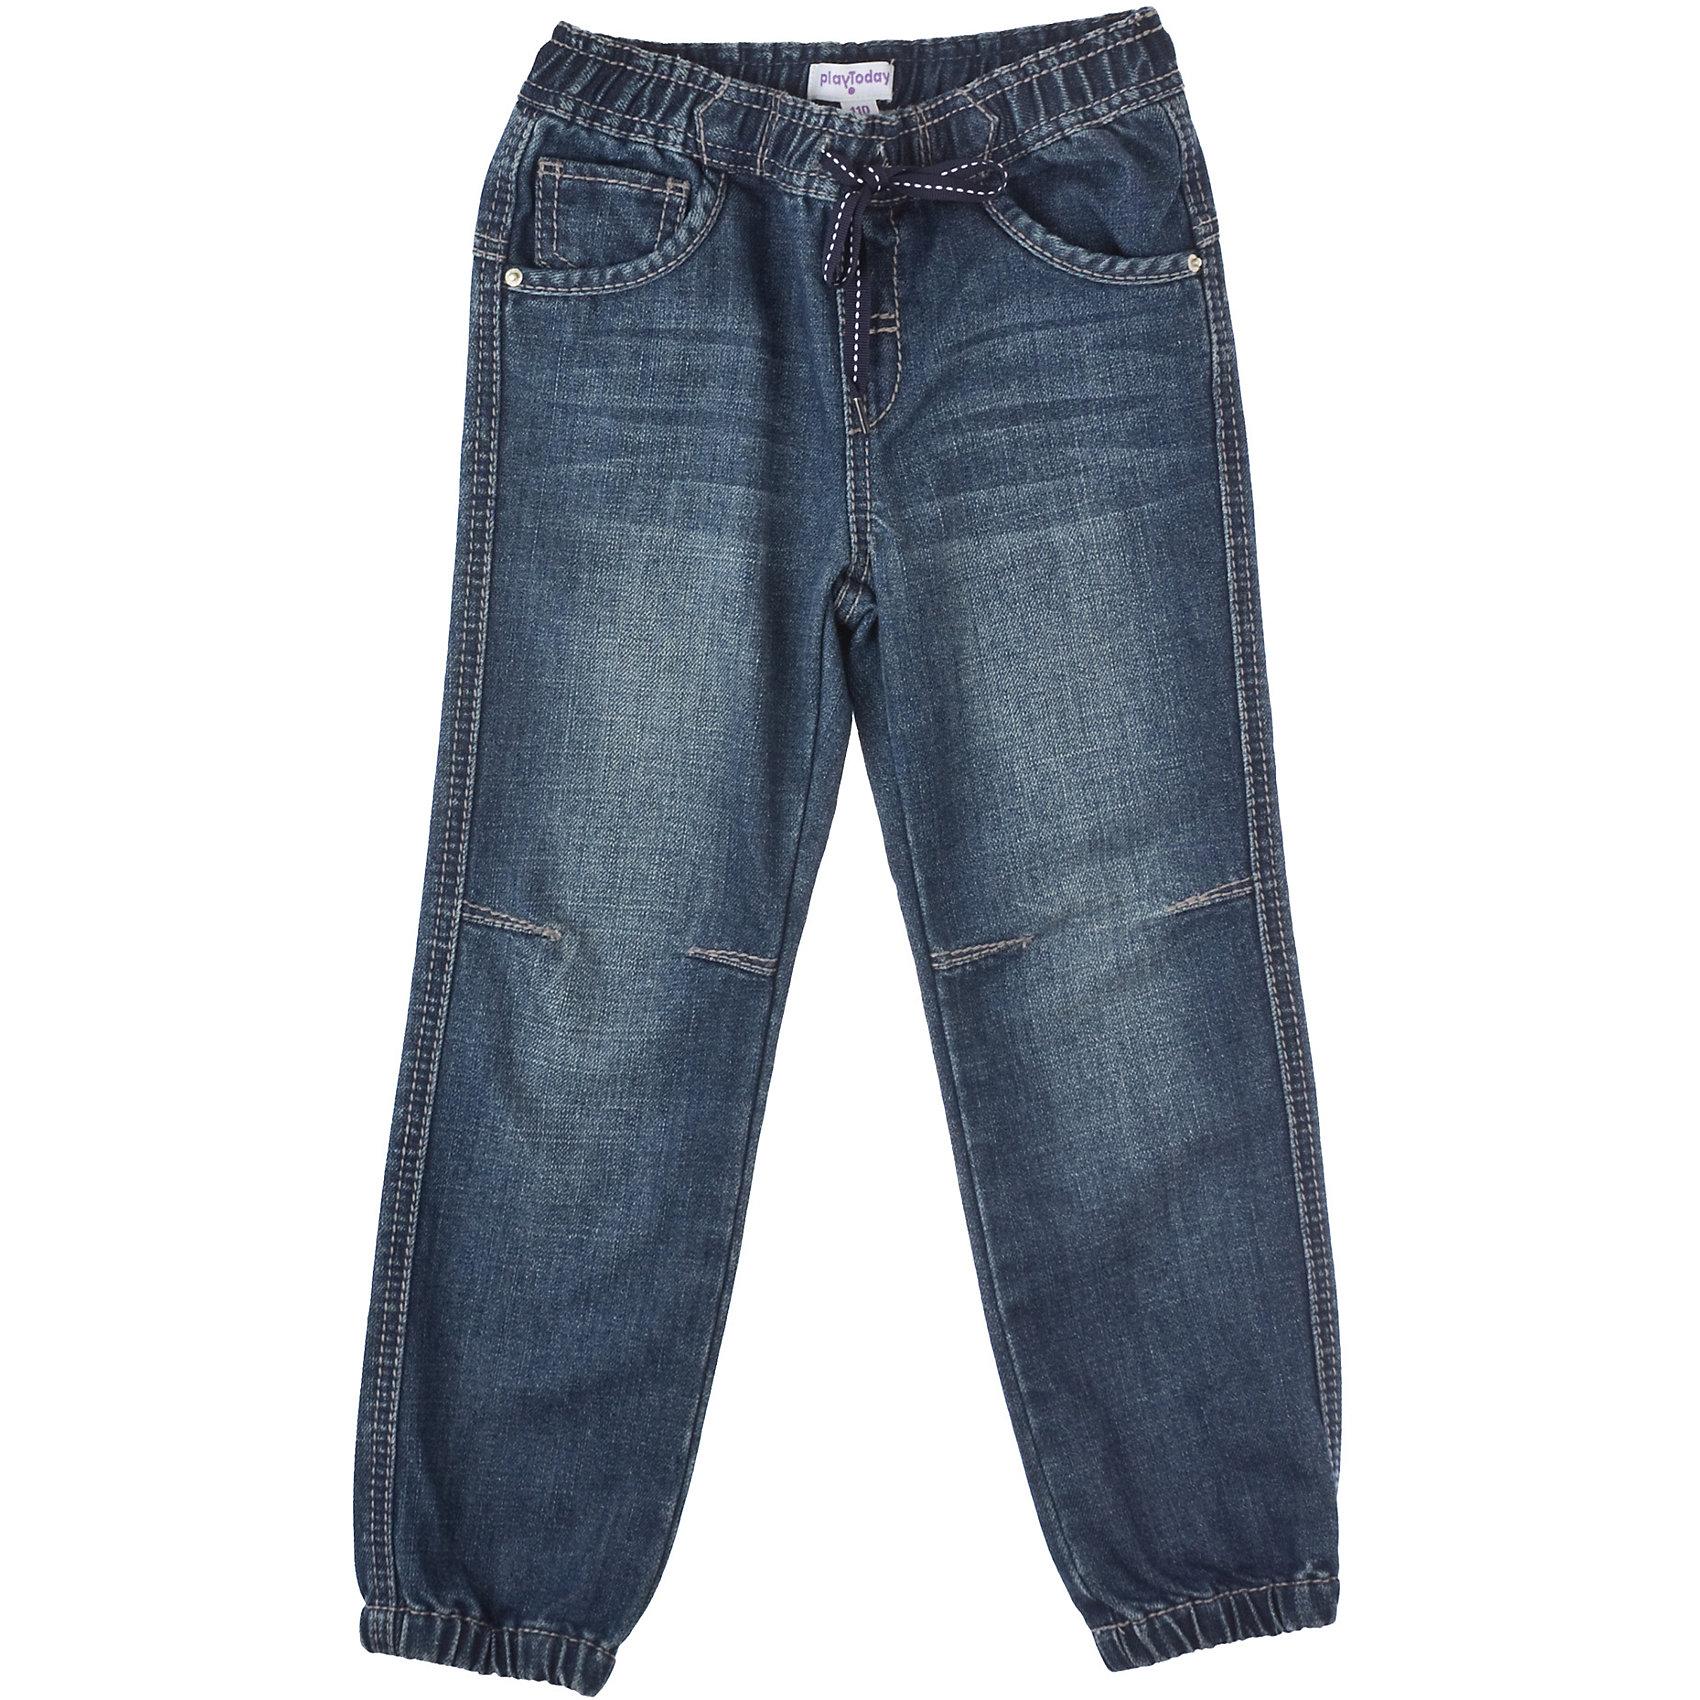 Джинсы для мальчика PlayTodayДжинсовая одежда<br>Джинсы для мальчика PlayToday Классические прямые джинсы. Пять карманов, на поясе широкая резинка. Эффект потертости. Состав: 78% хлопок, 22% полиэстер<br><br>Ширина мм: 215<br>Глубина мм: 88<br>Высота мм: 191<br>Вес г: 336<br>Цвет: синий<br>Возраст от месяцев: 24<br>Возраст до месяцев: 36<br>Пол: Мужской<br>Возраст: Детский<br>Размер: 98,110,128,122,116,104<br>SKU: 4227884